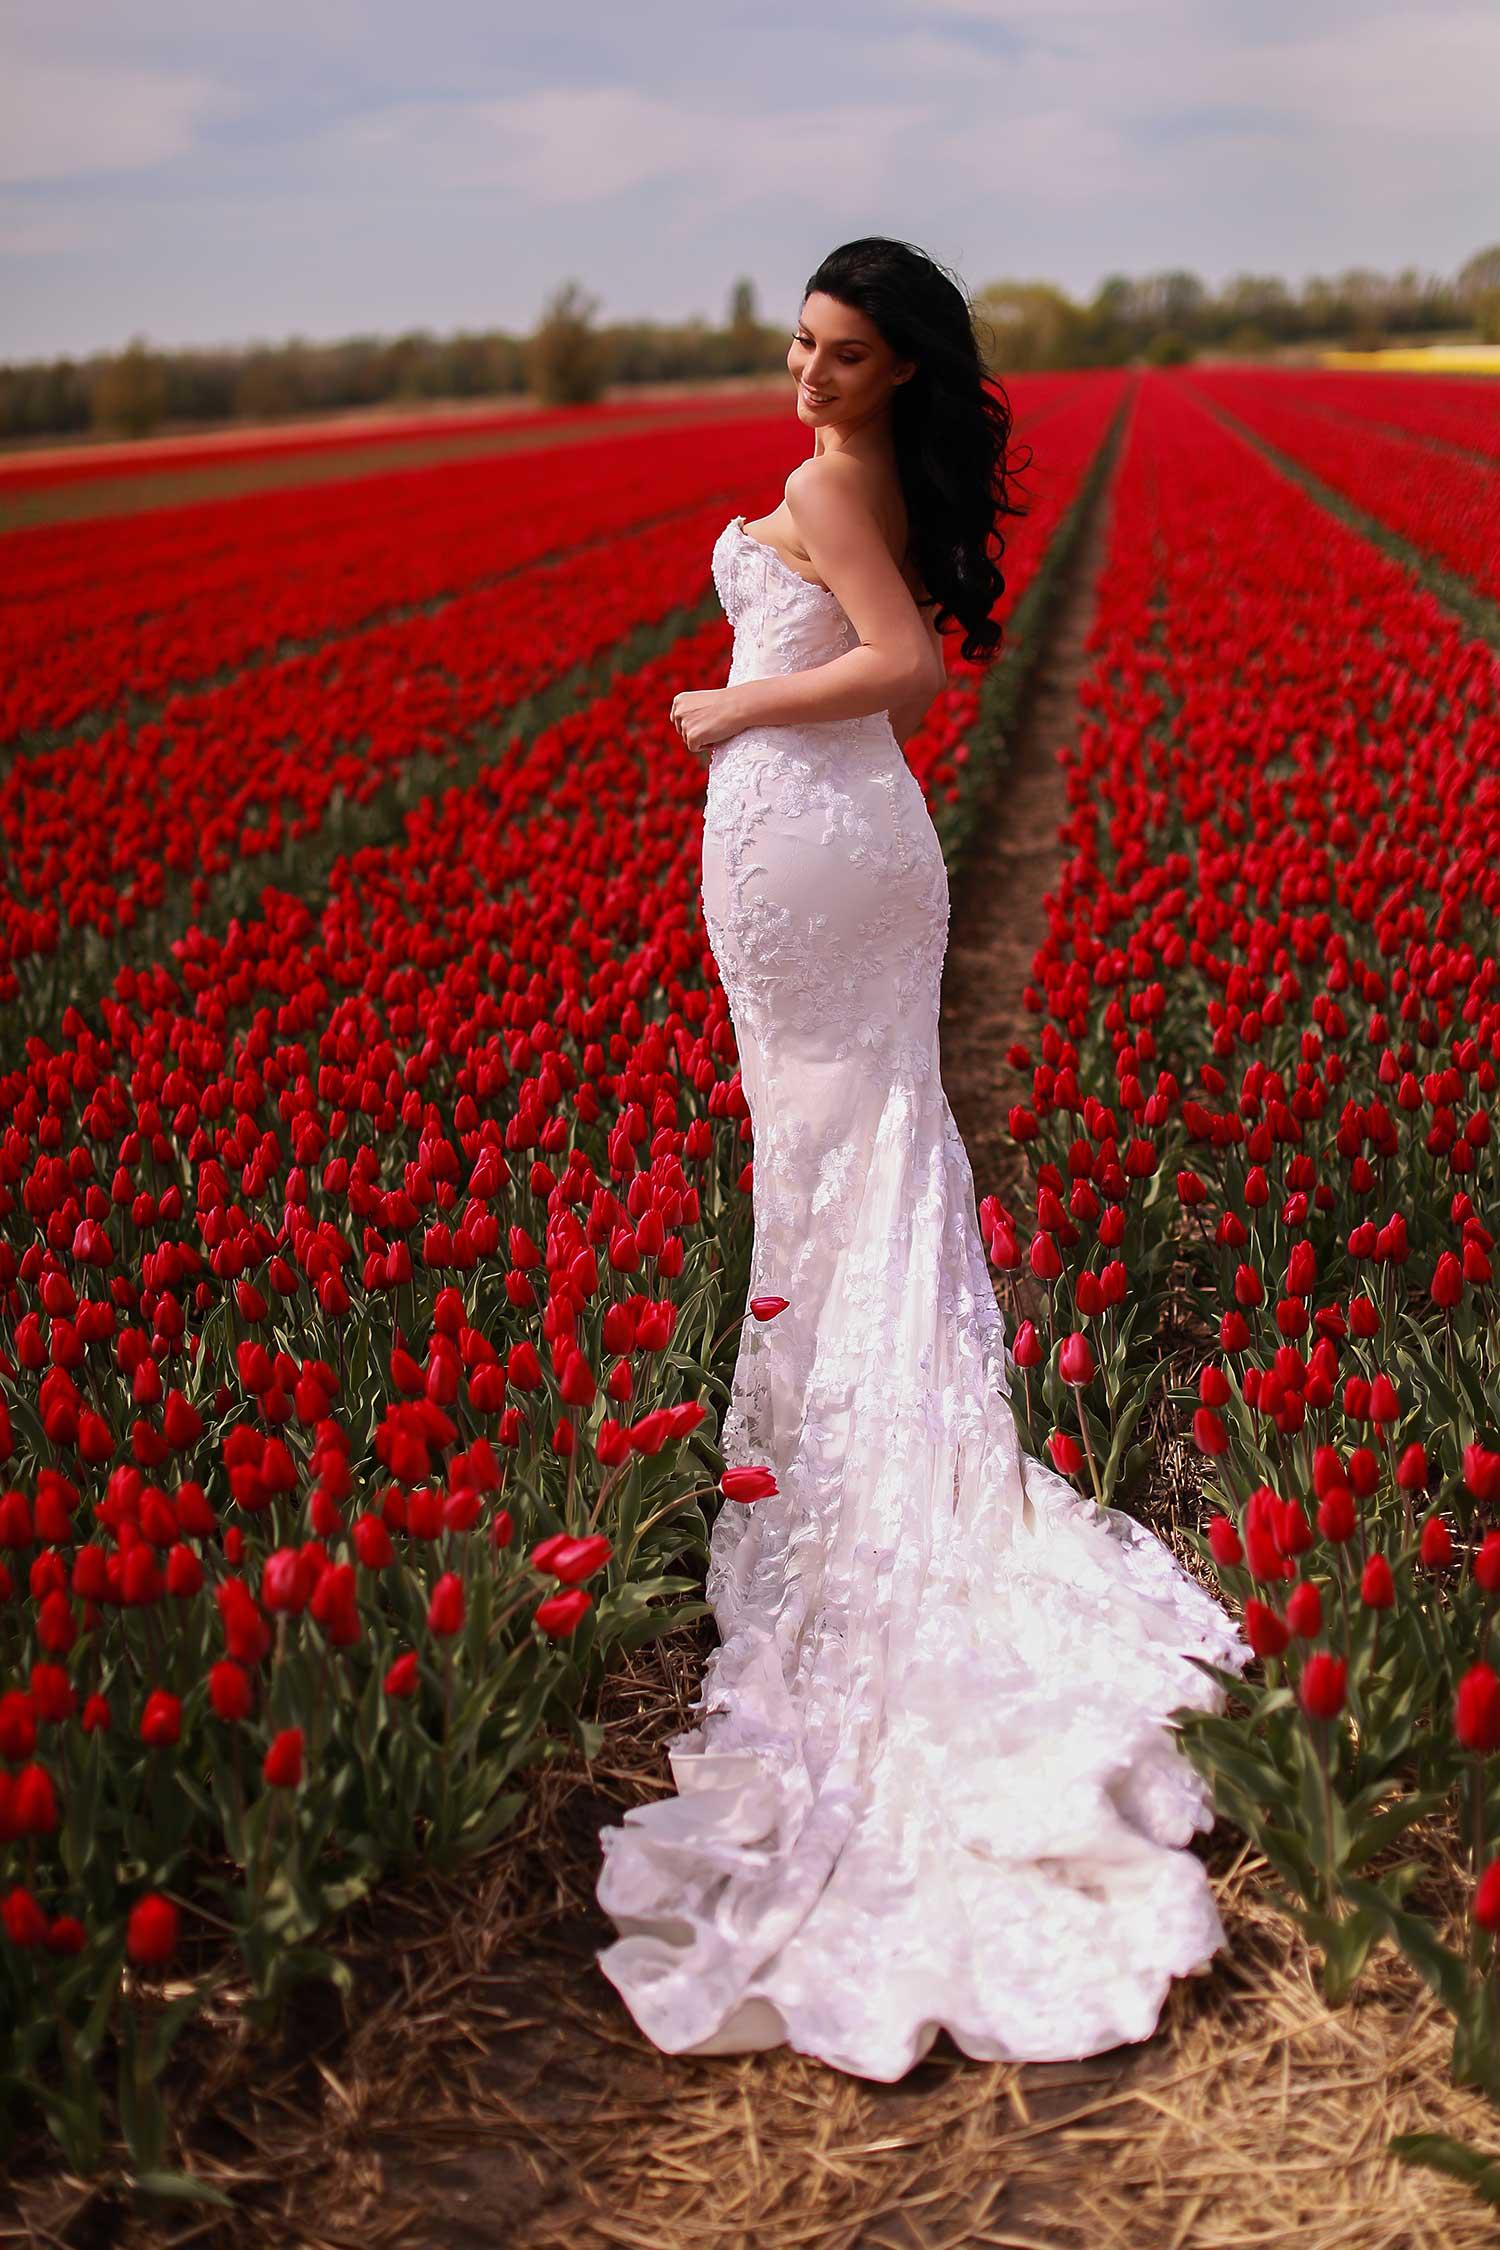 Bride posing in tulip field